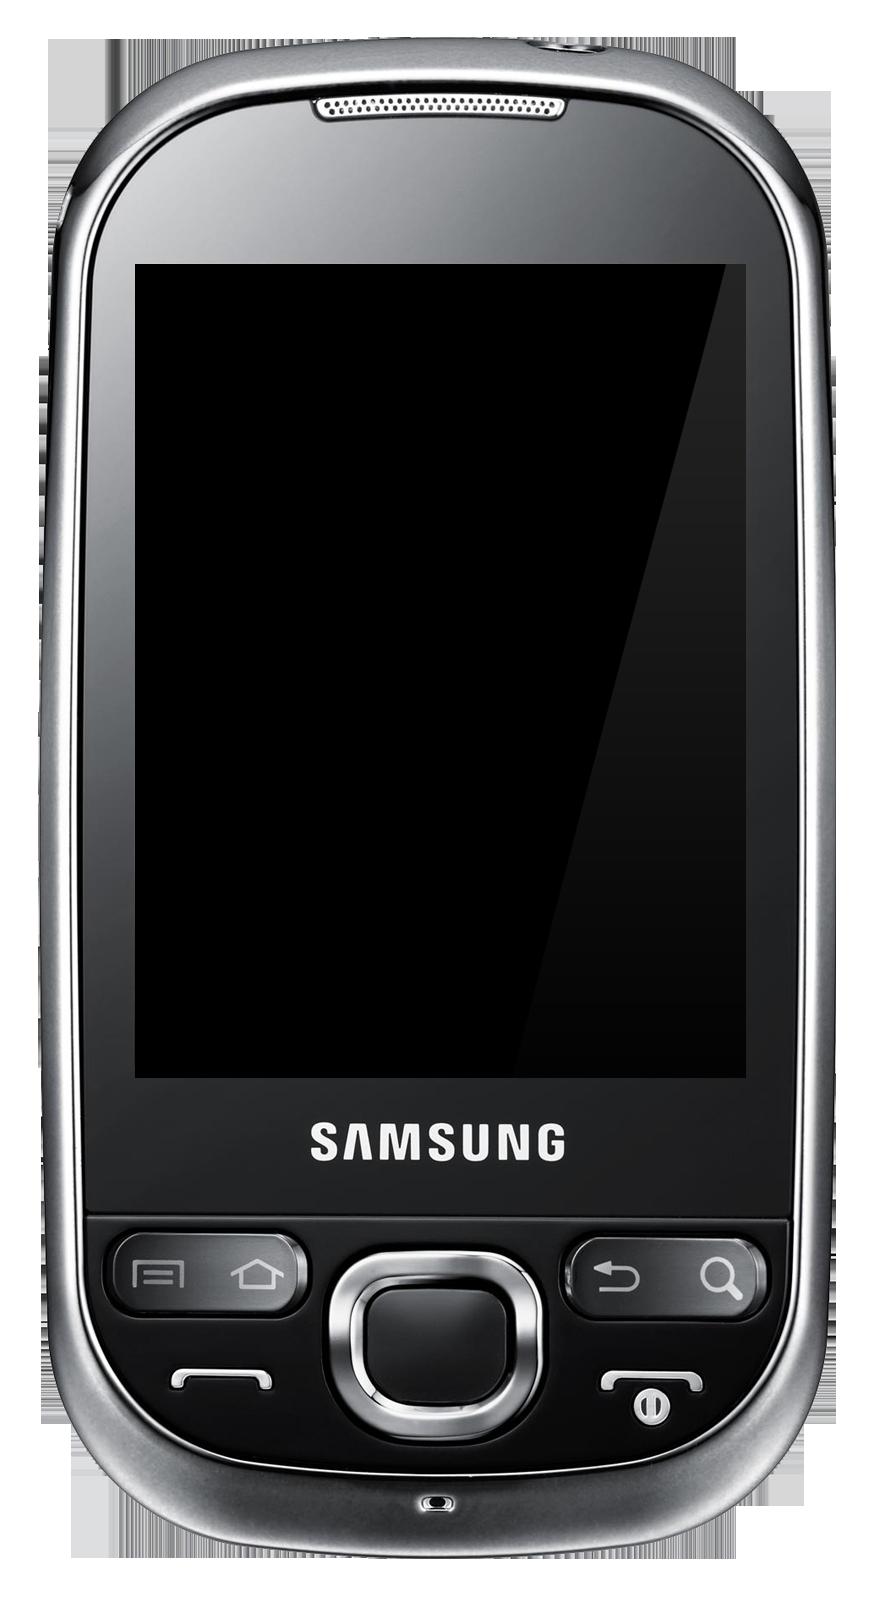 Samsung Galaxy 5 by GadgetsGuy